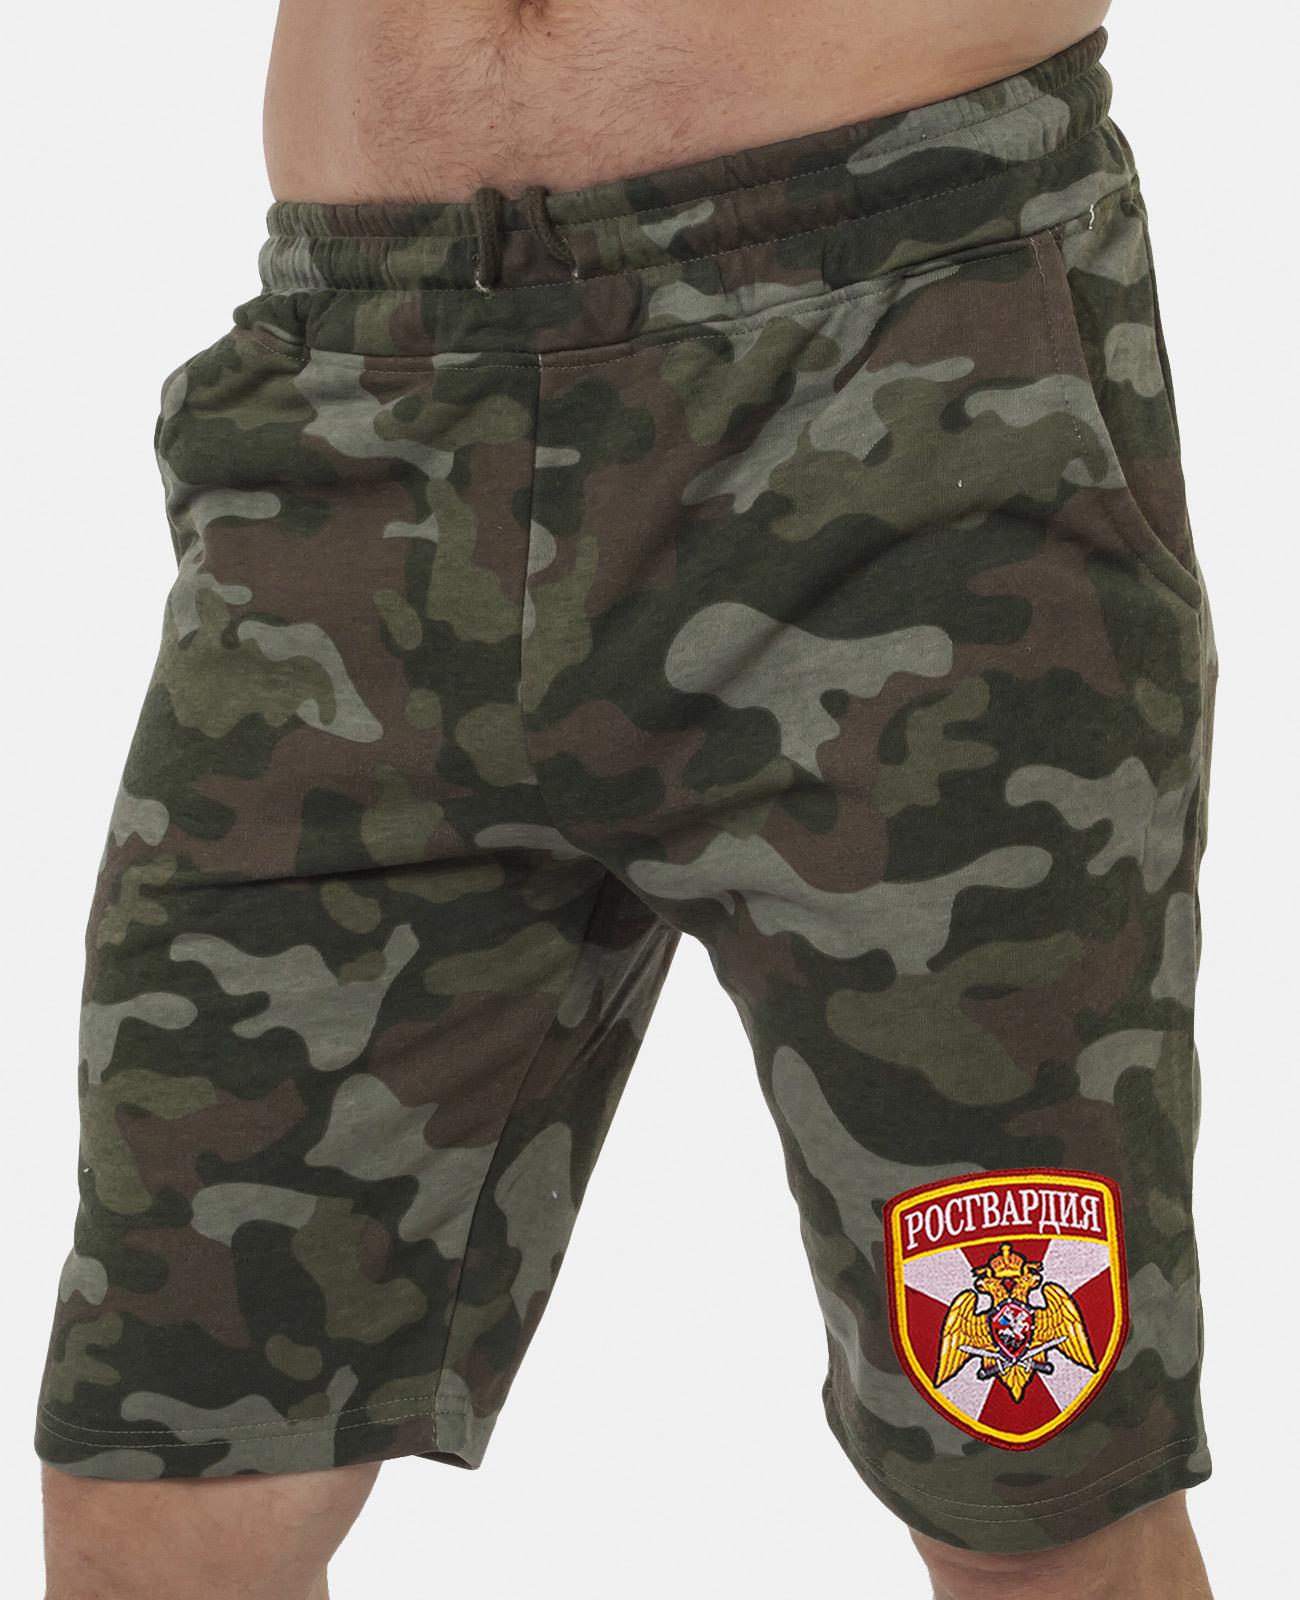 Купить армейские особенные шорты с карманами и нашивкой Росгвардия по специальной цене